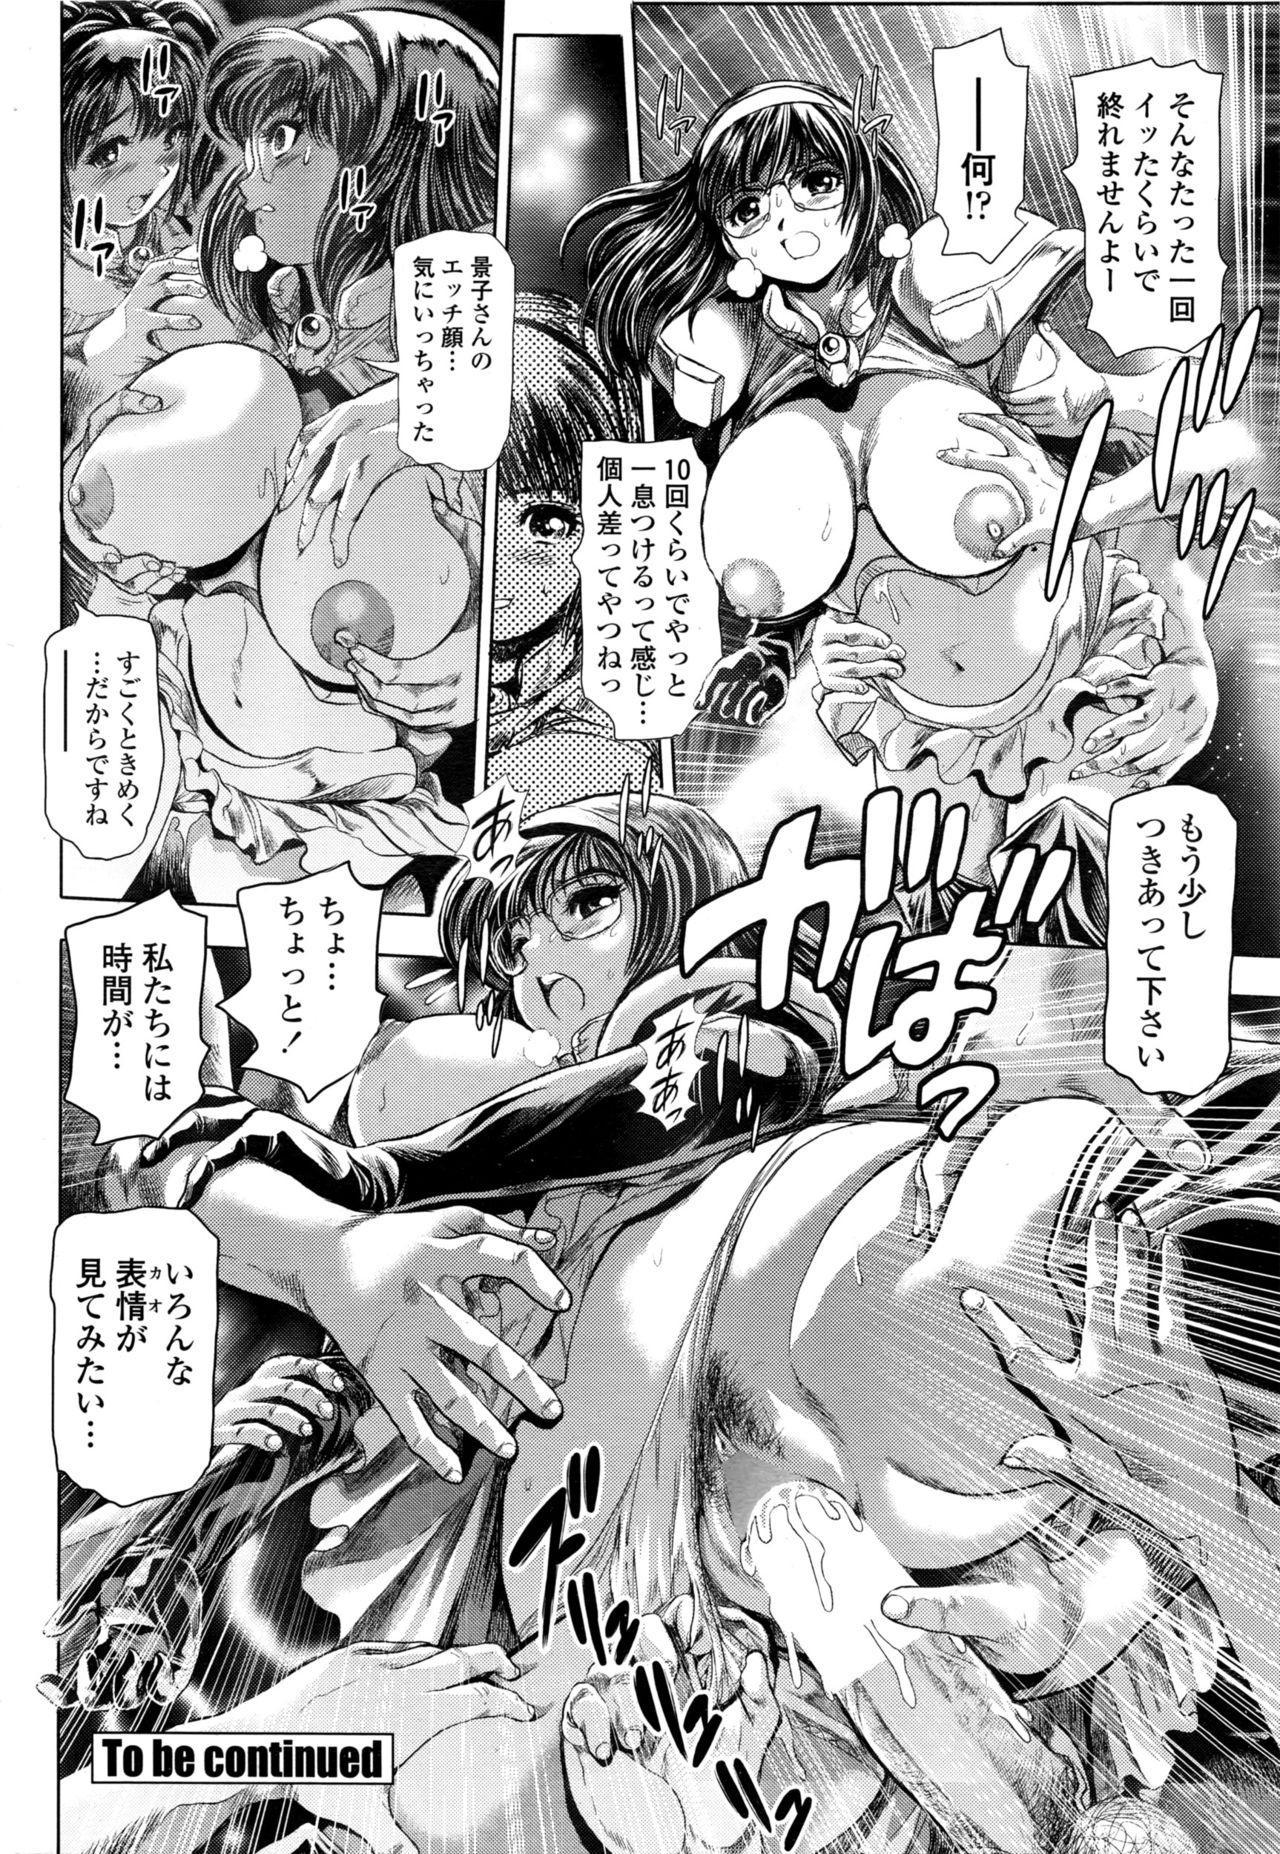 Keiko no Iru Machi S Ch. 1-10 159